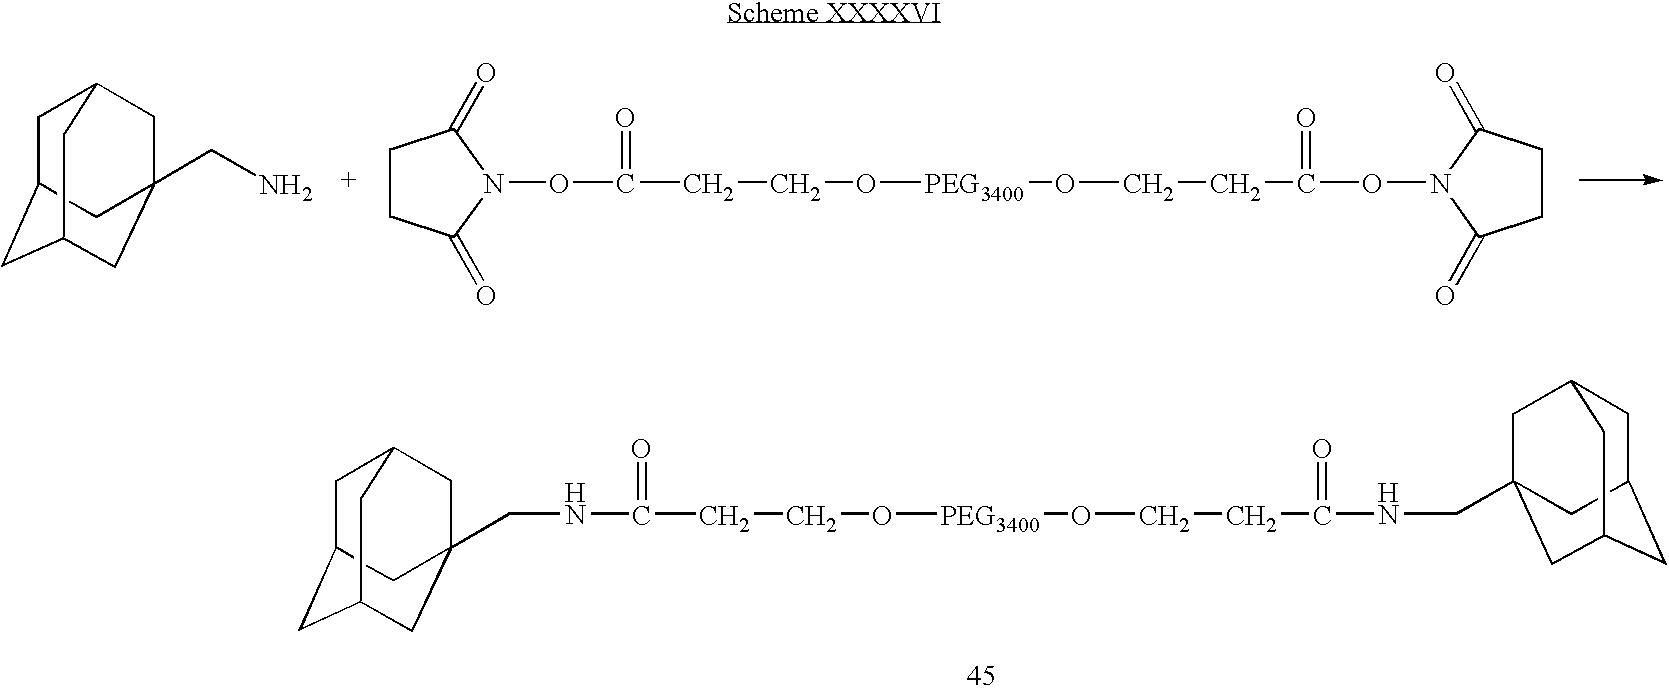 Figure US20080058427A1-20080306-C00072